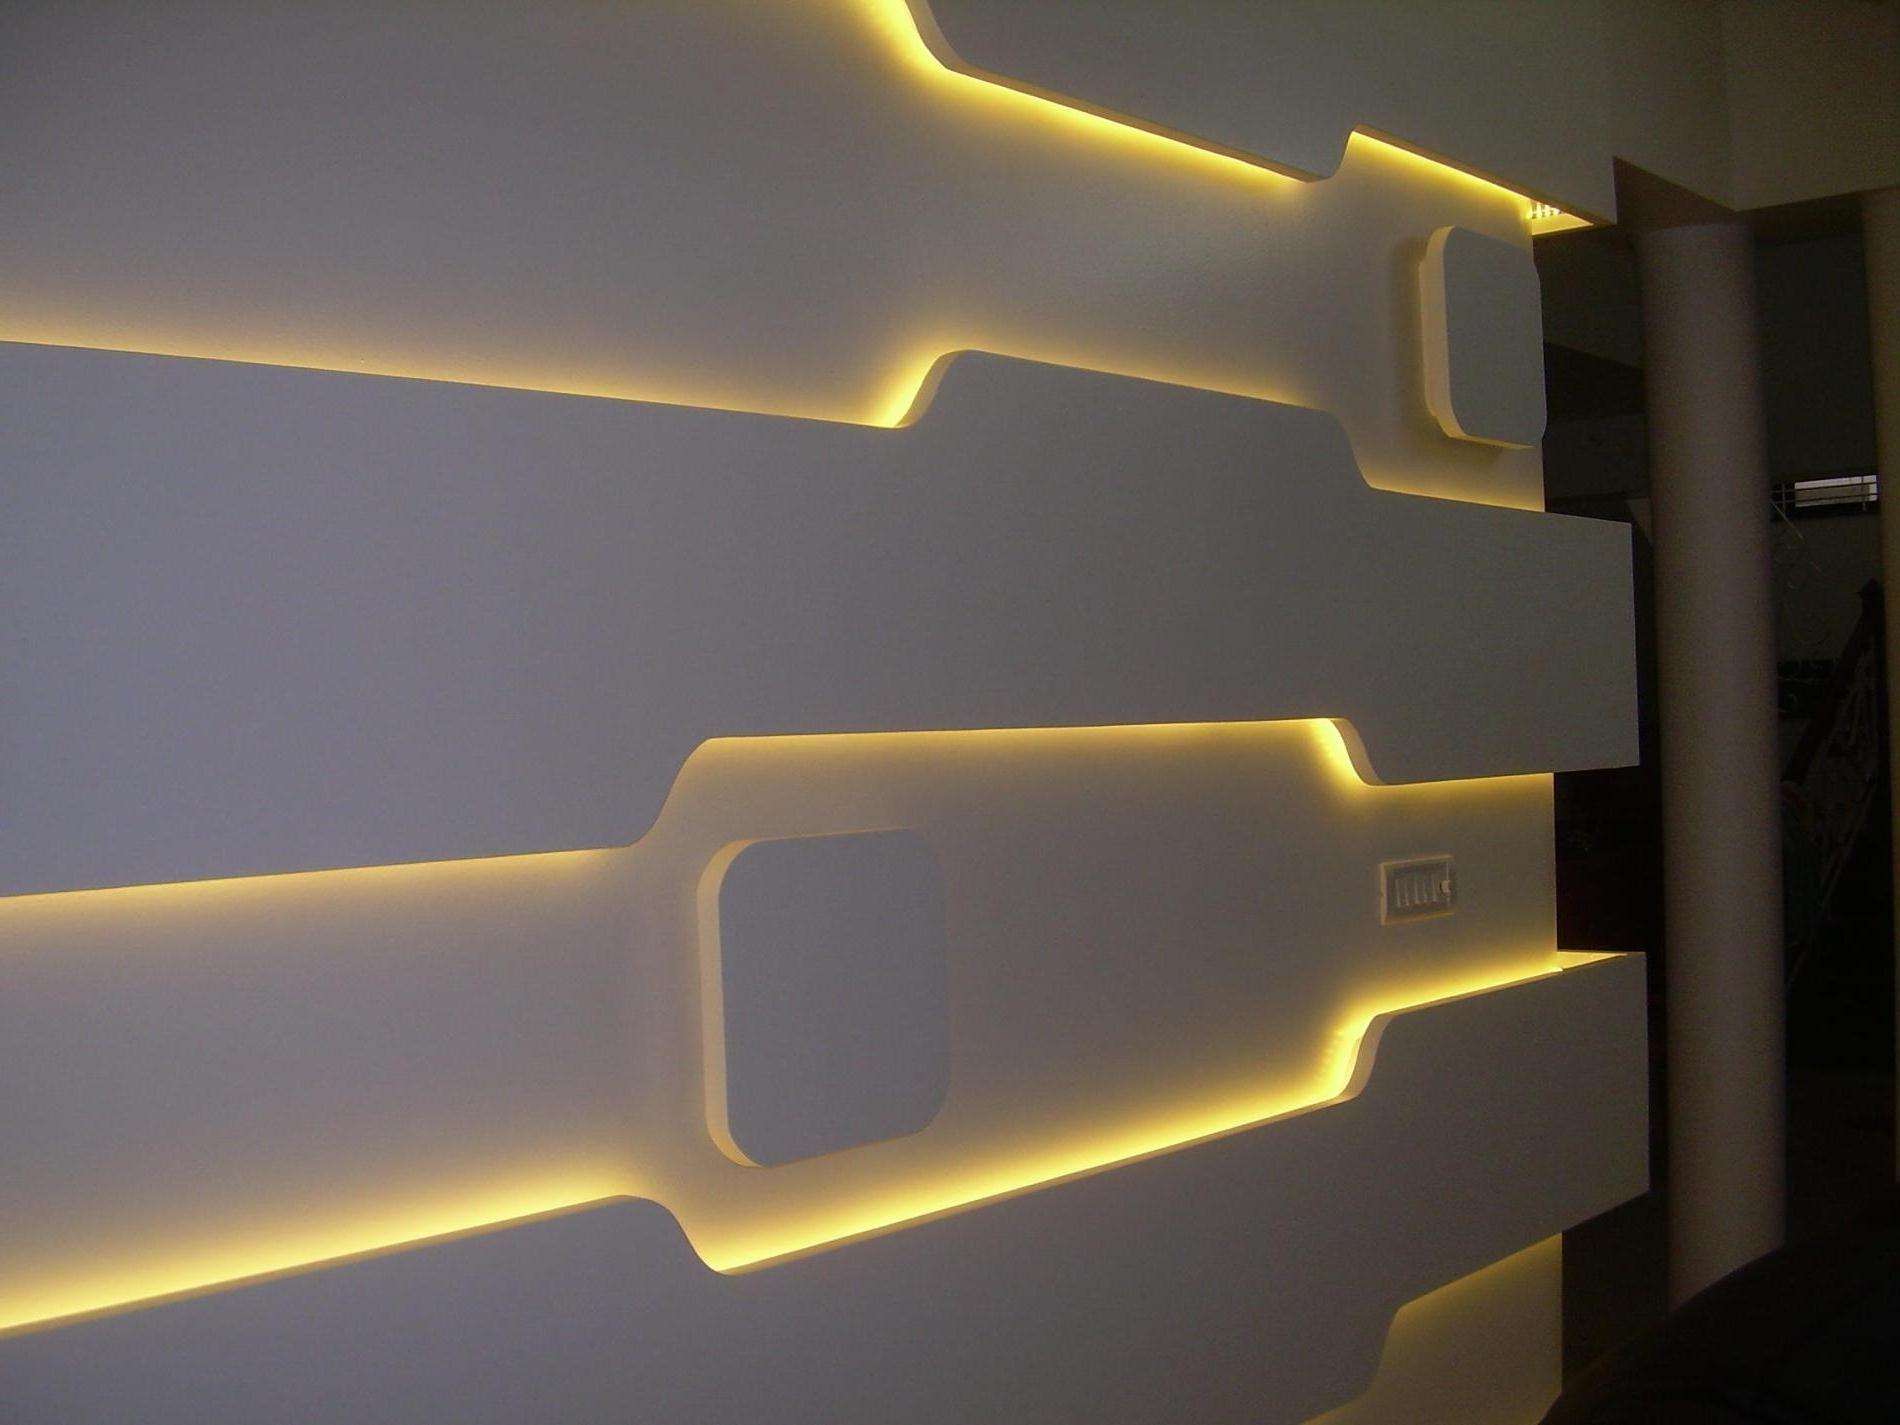 Unique Led Cove Lighting Design For Interior Decor Cove Lighting Design Cove Lighting Lighting Design